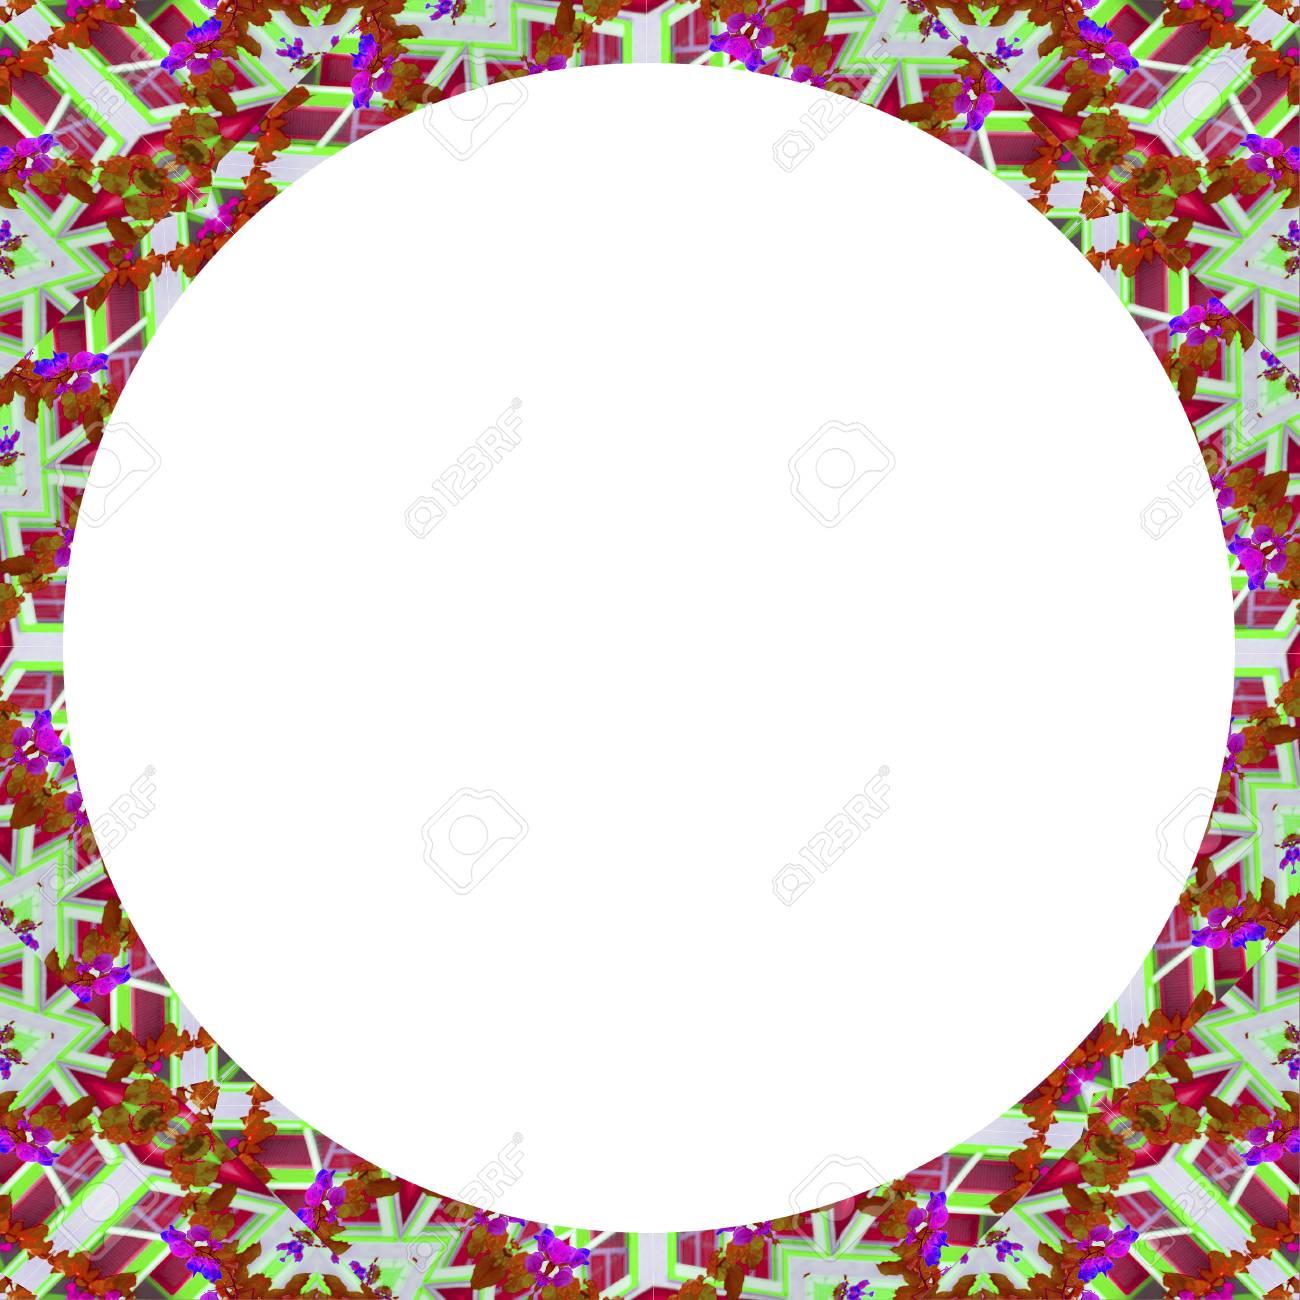 Weiße Kreis Rahmen Hintergrund Mit Dekorativen Geometrischen Muster ...